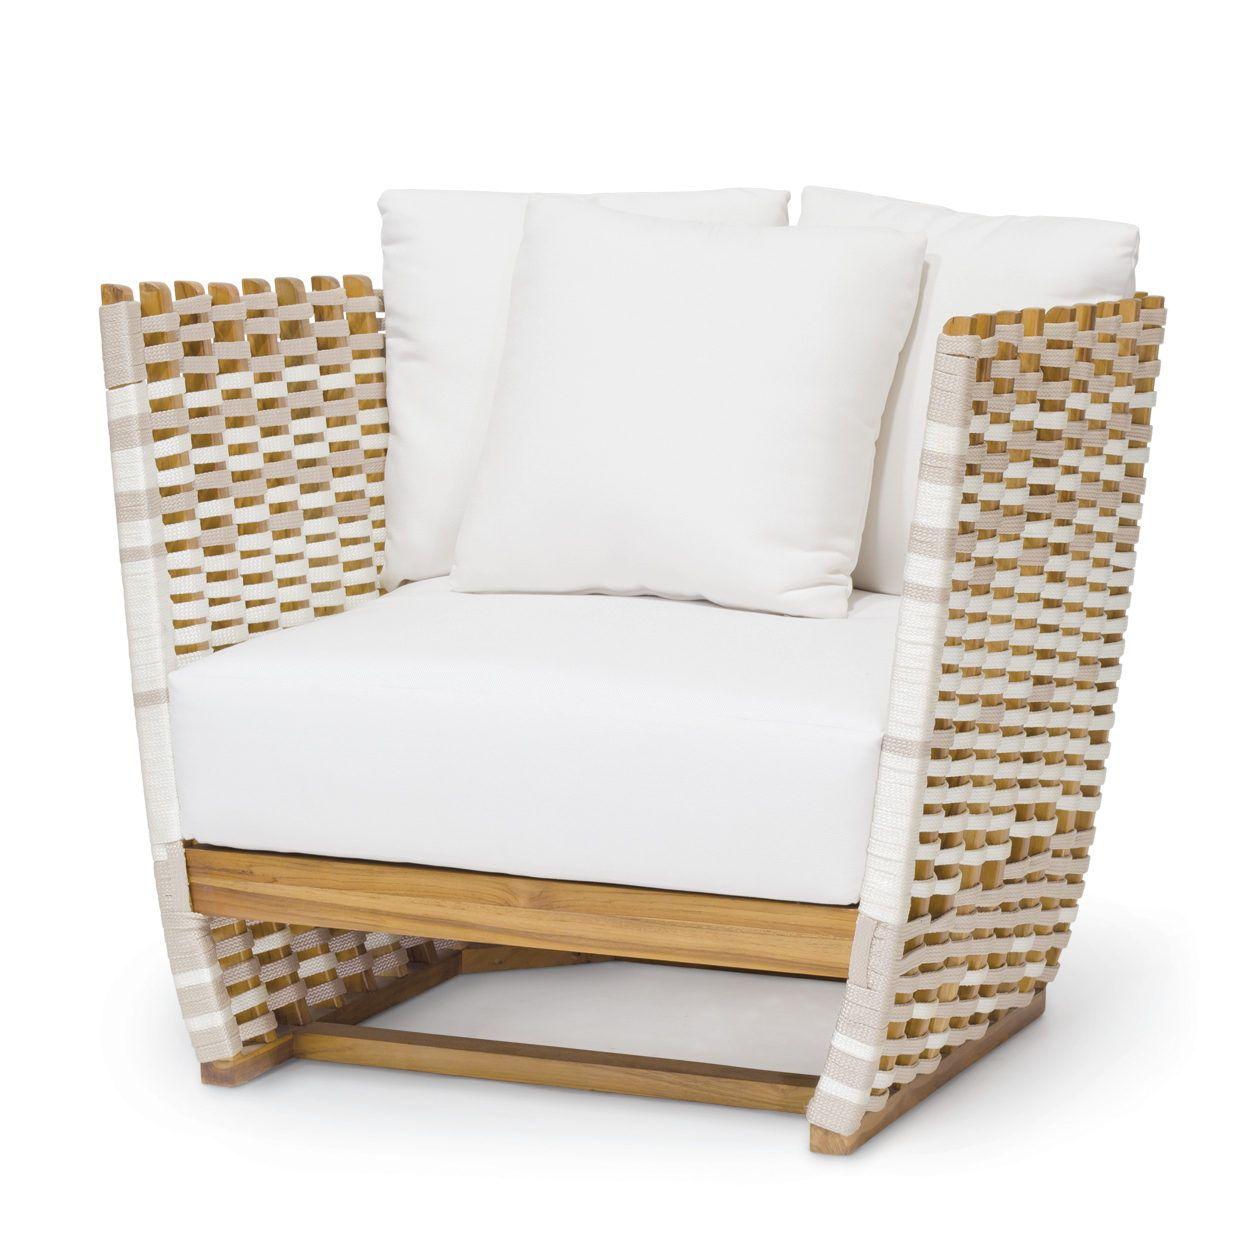 san martin outdoor lounge chair  palecek  beach house  outdoor  - san martin outdoor lounge chair  palecek